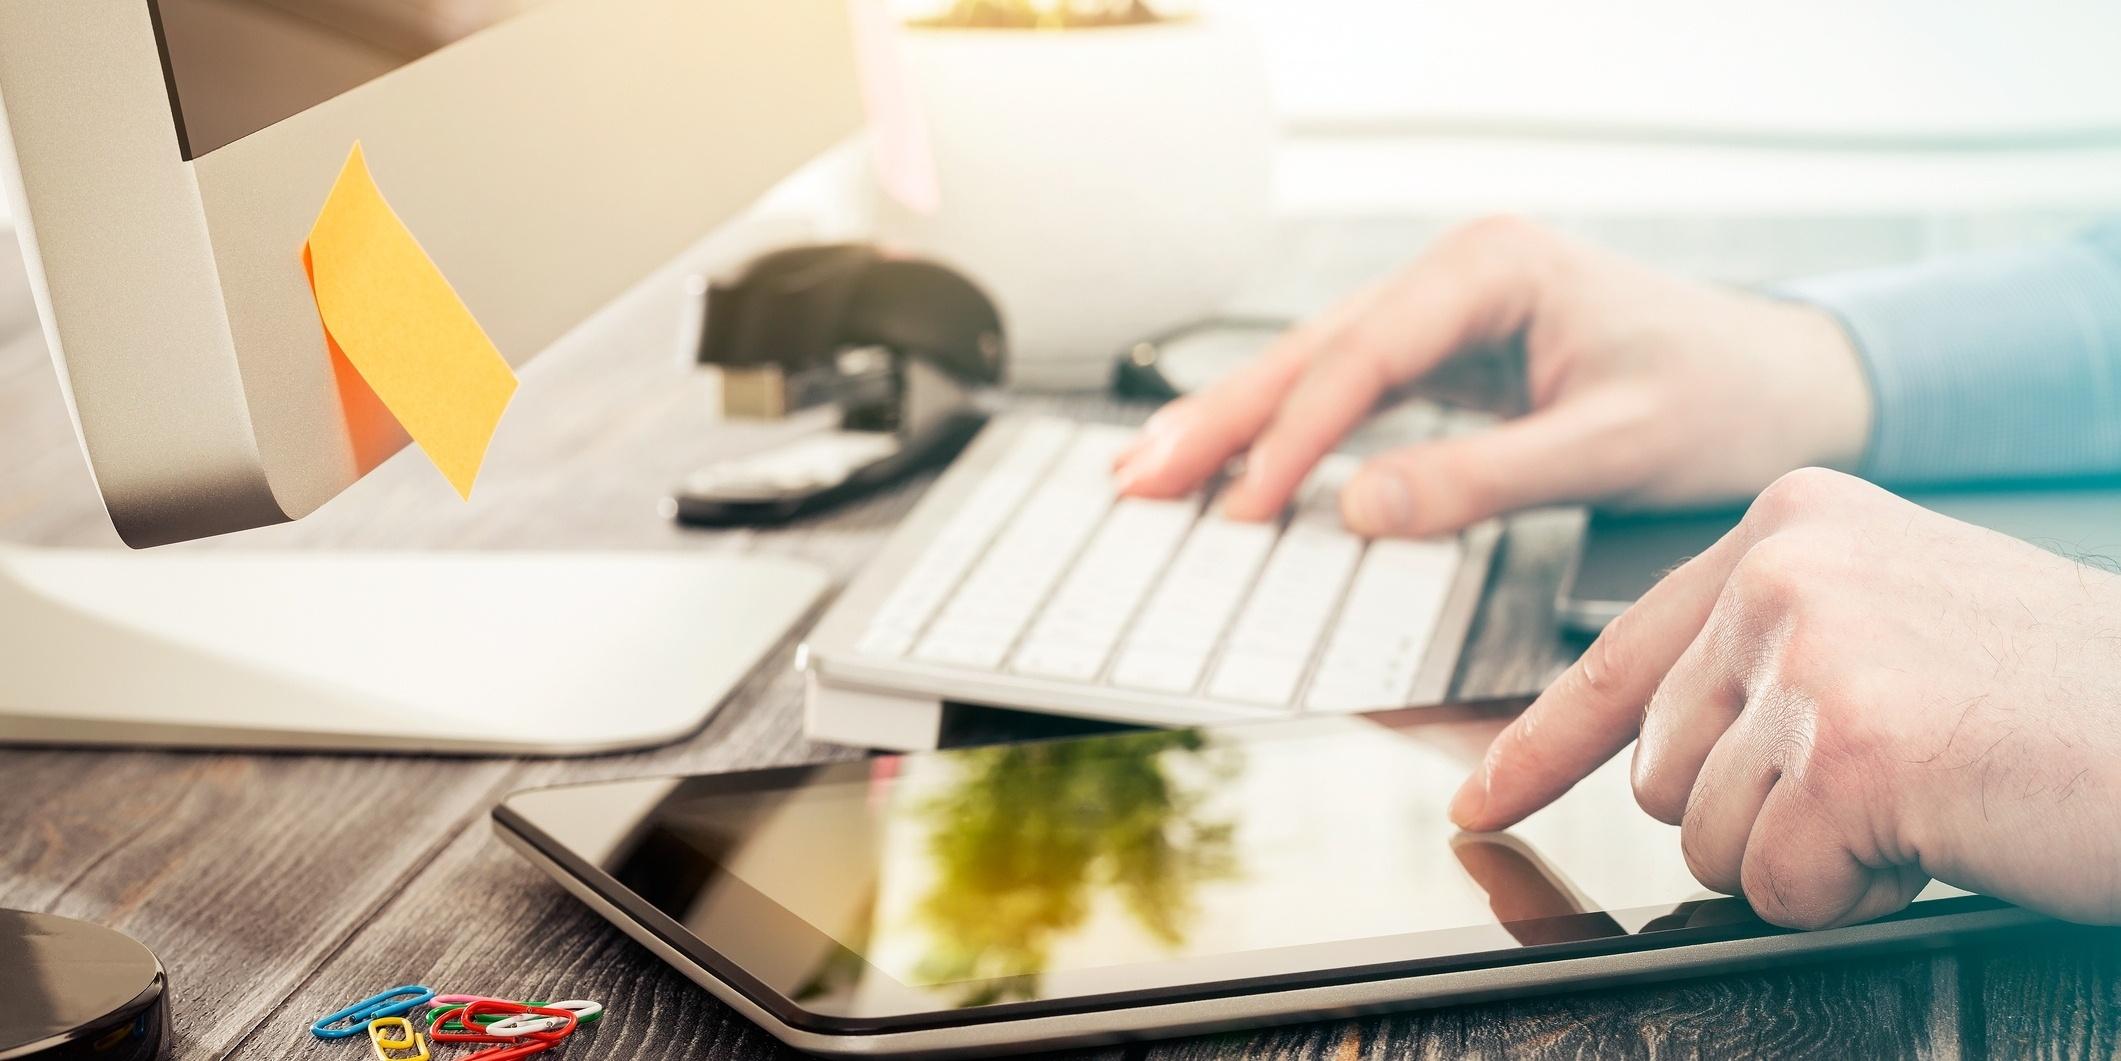 servicio agencia marketing digital